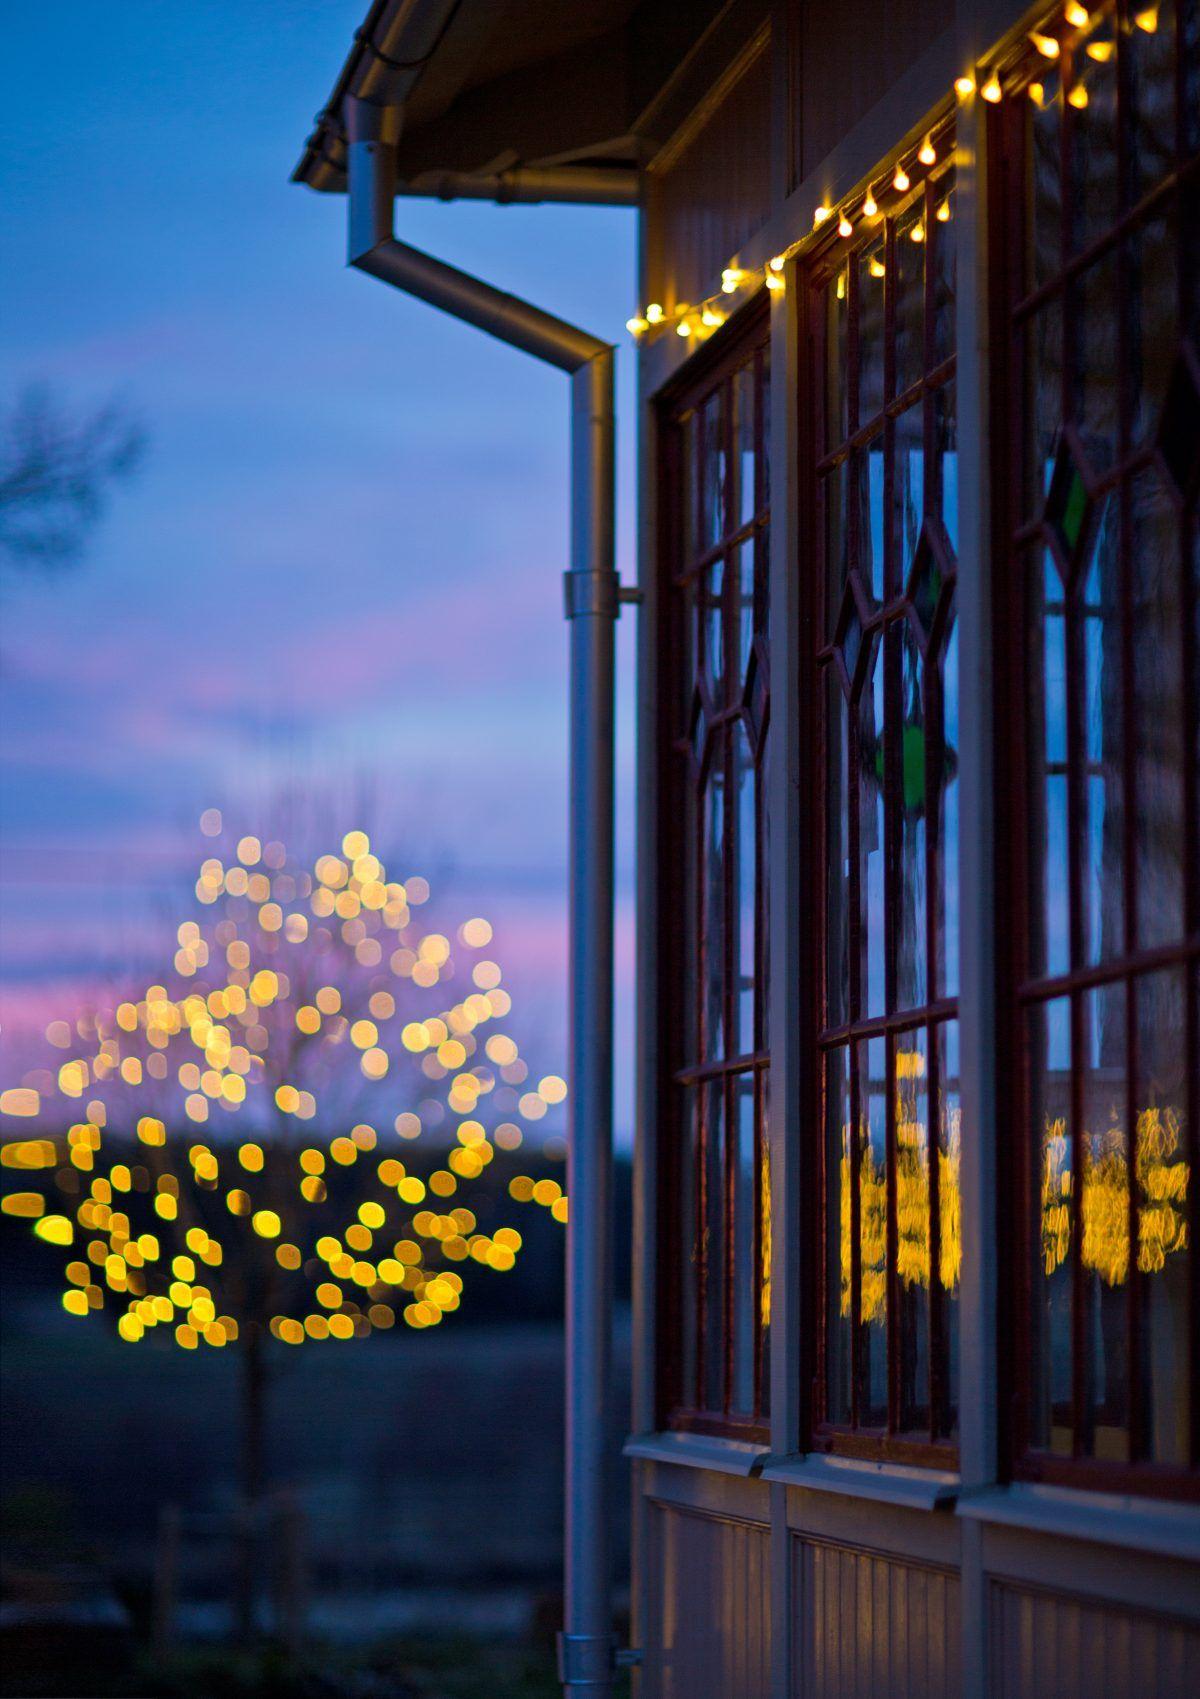 Christmas Lightning From Clas Ohlson Julbelysning Ljusslingor Underbaraclaras Varld Varlden Julbelysning Ljusslinga